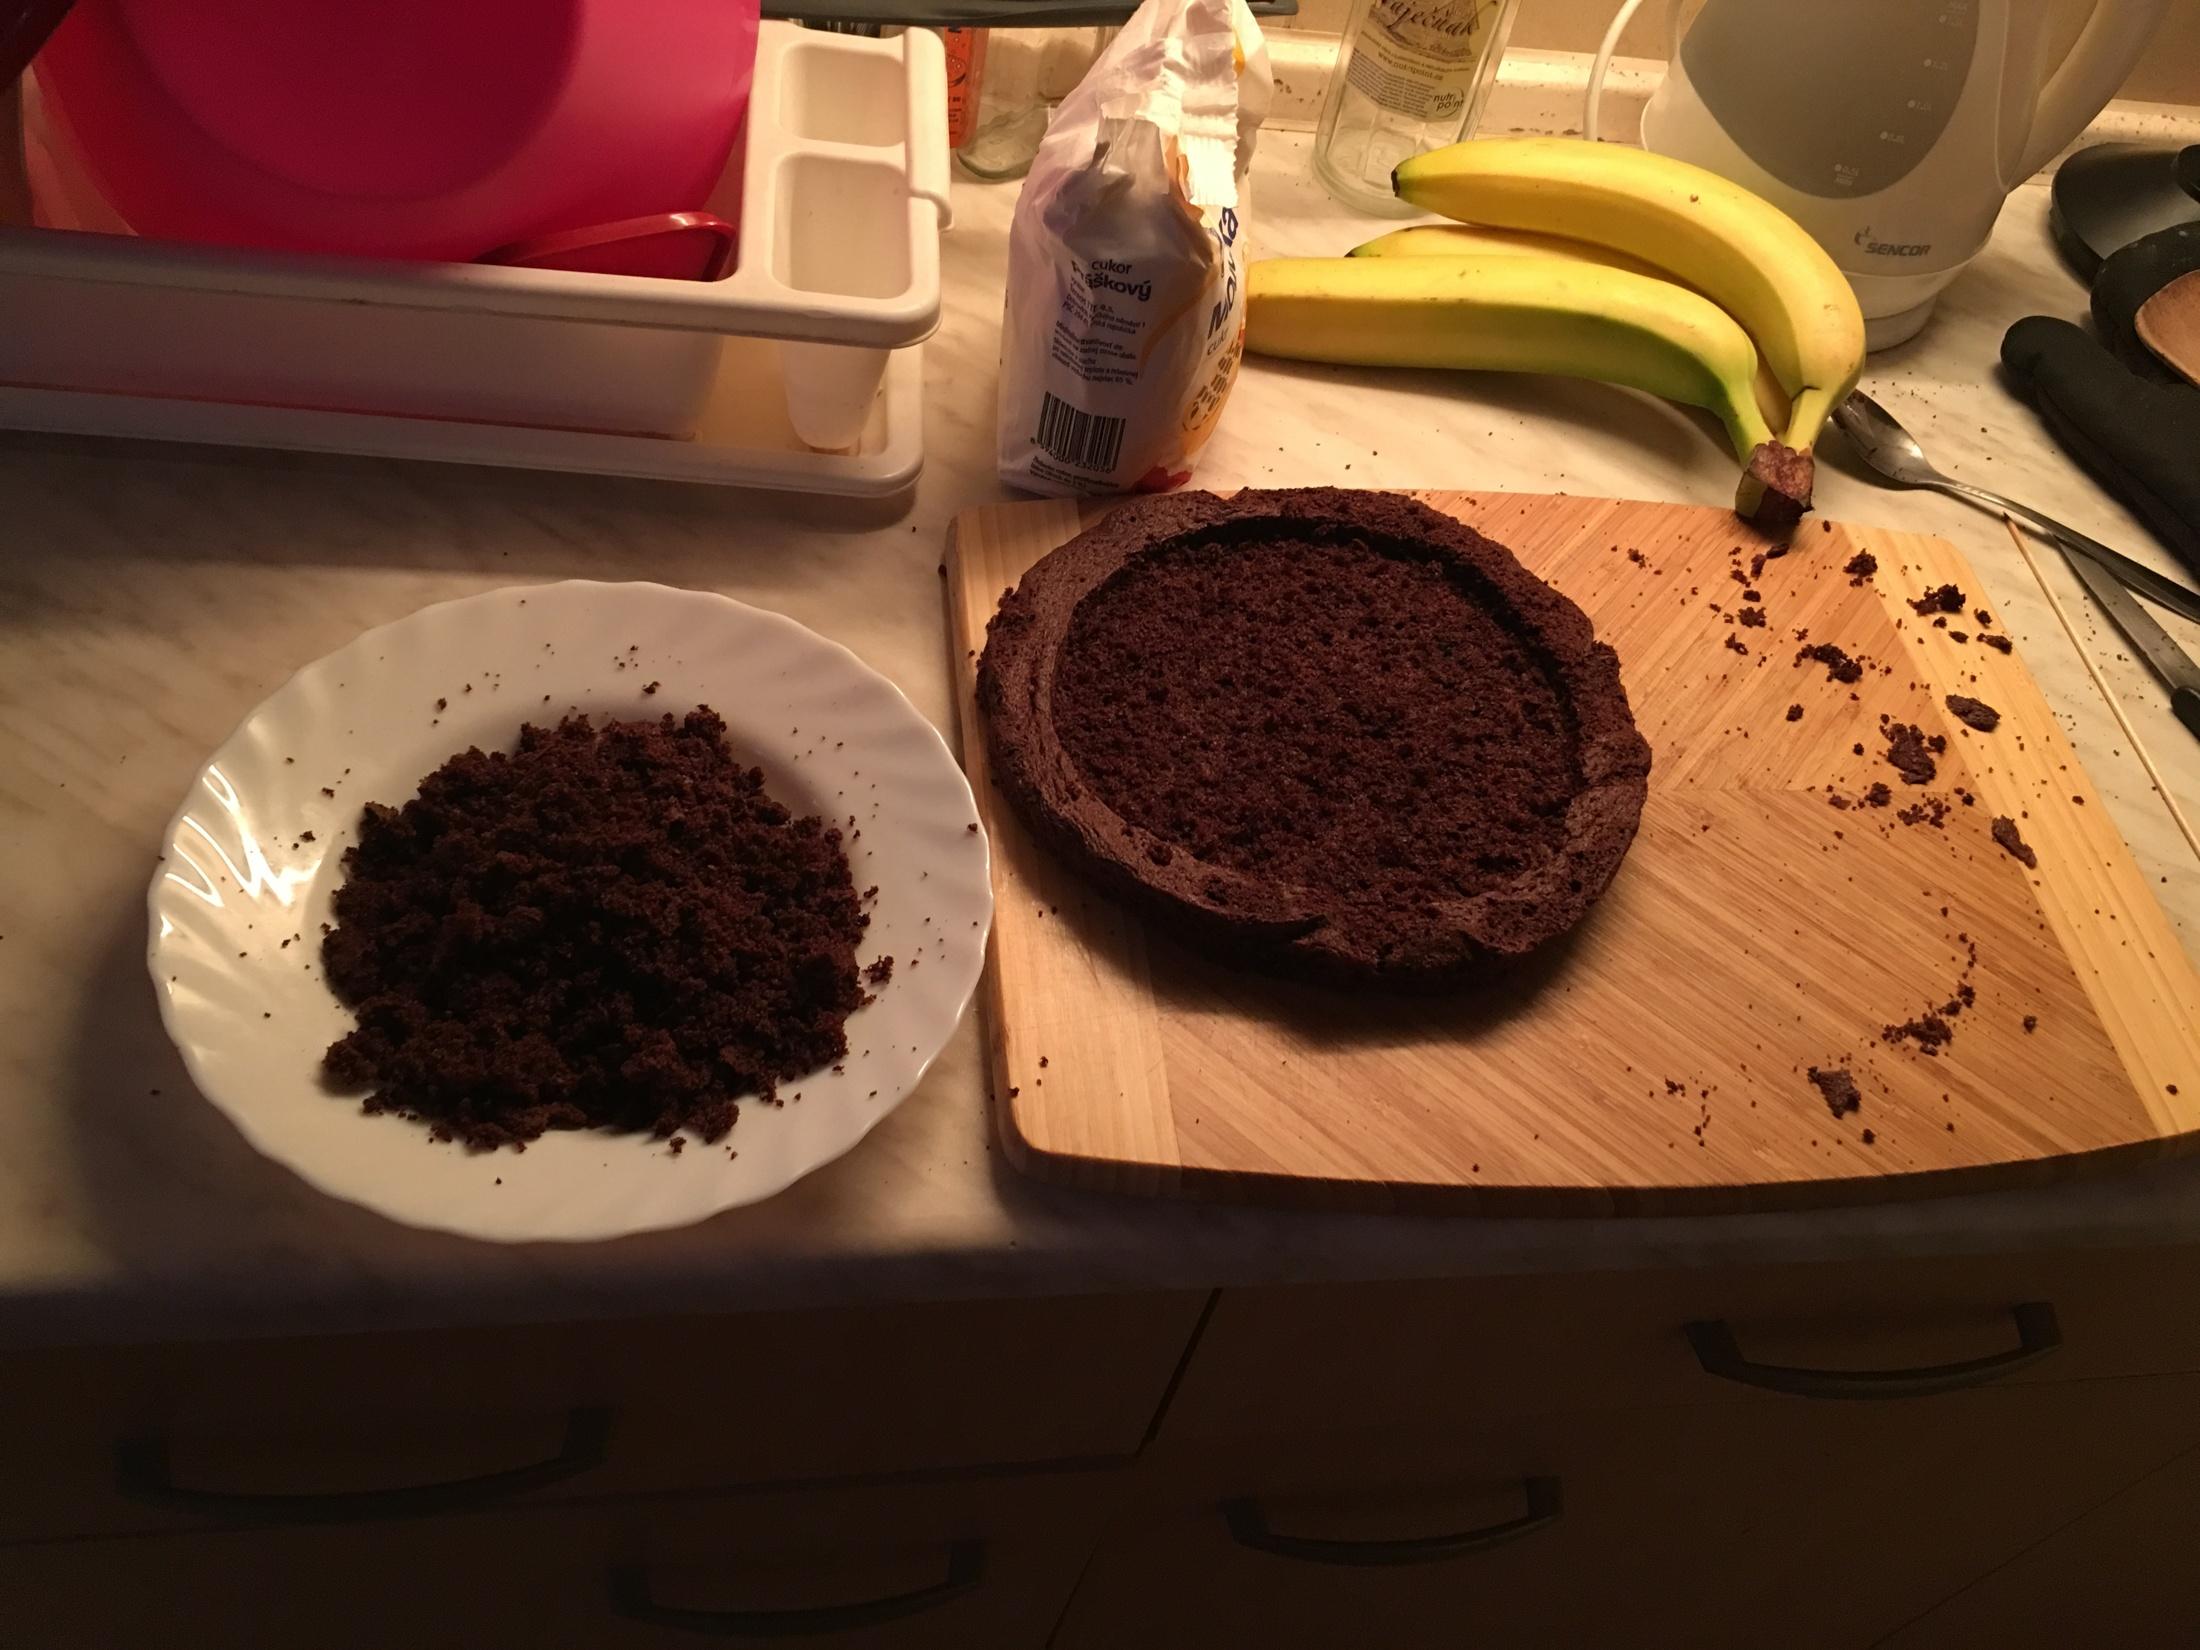 Recept Domácí krtkův dort - Krtkův dort - výroba